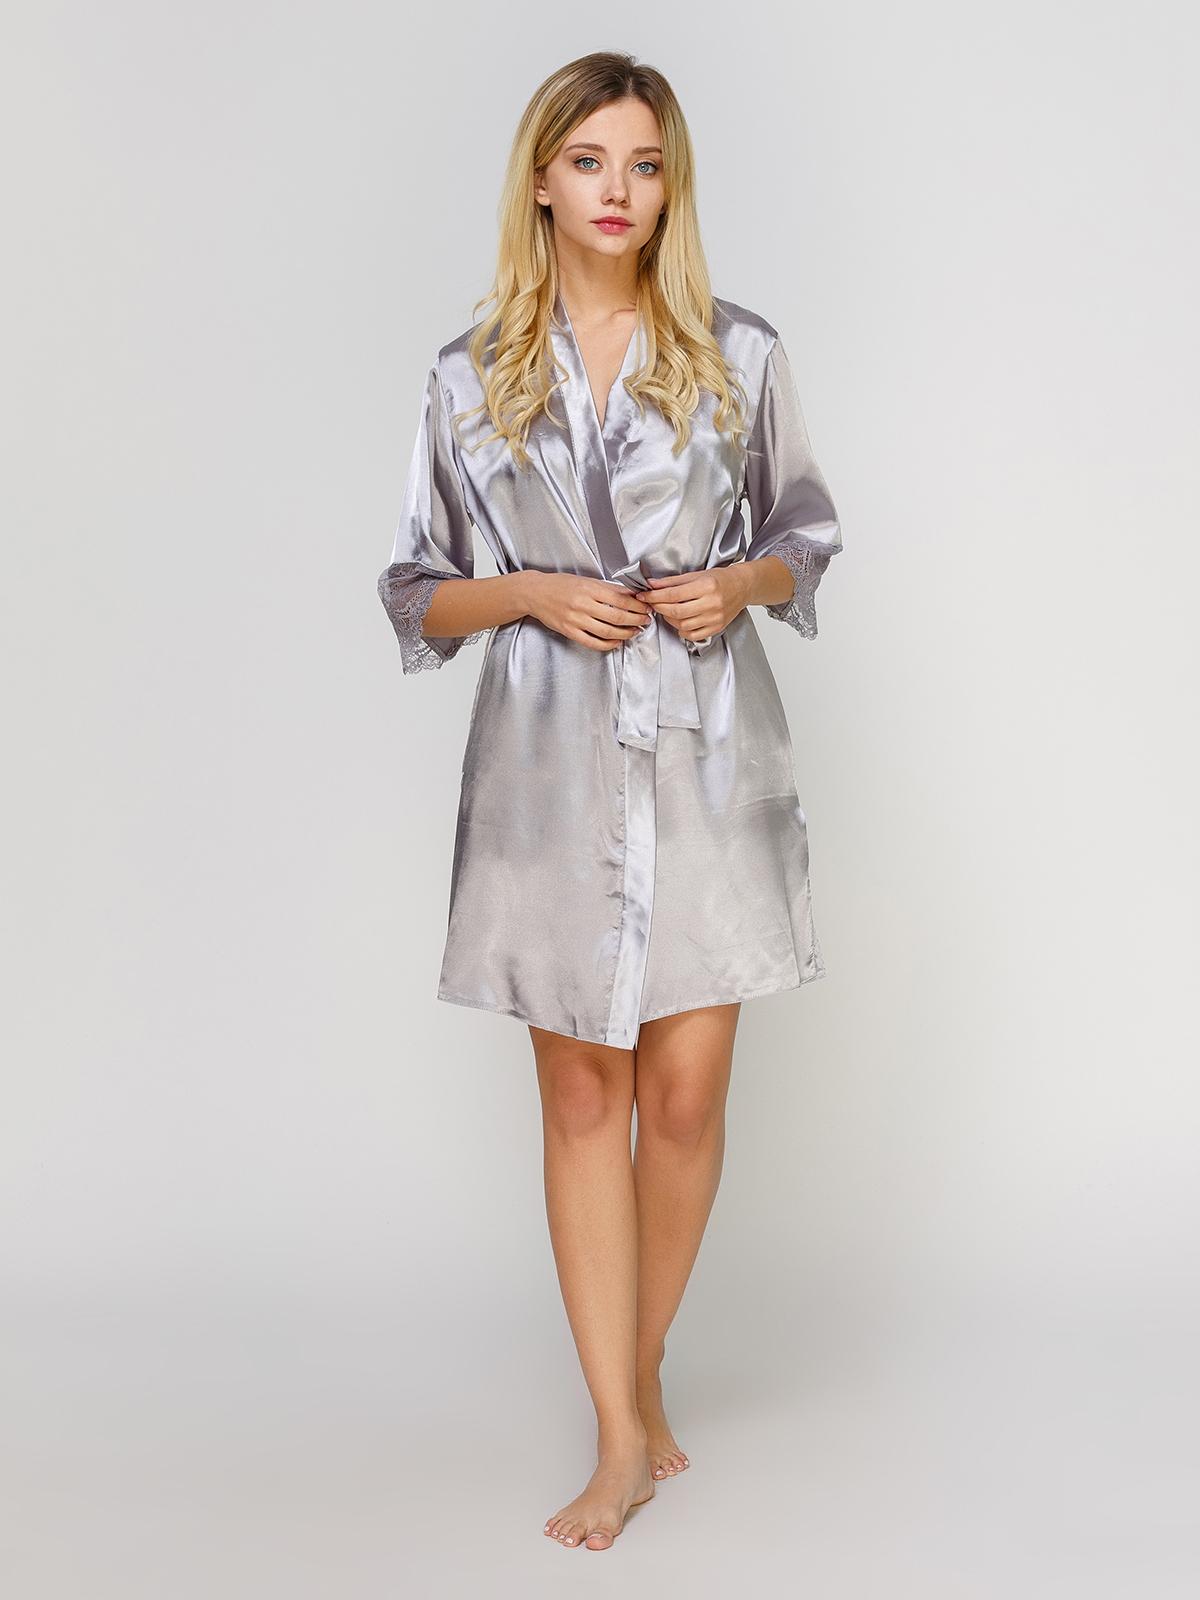 1bb8eb56aad1c Шелковый халат с кружевом - Serenade Lingerie фабрика женского белья ...